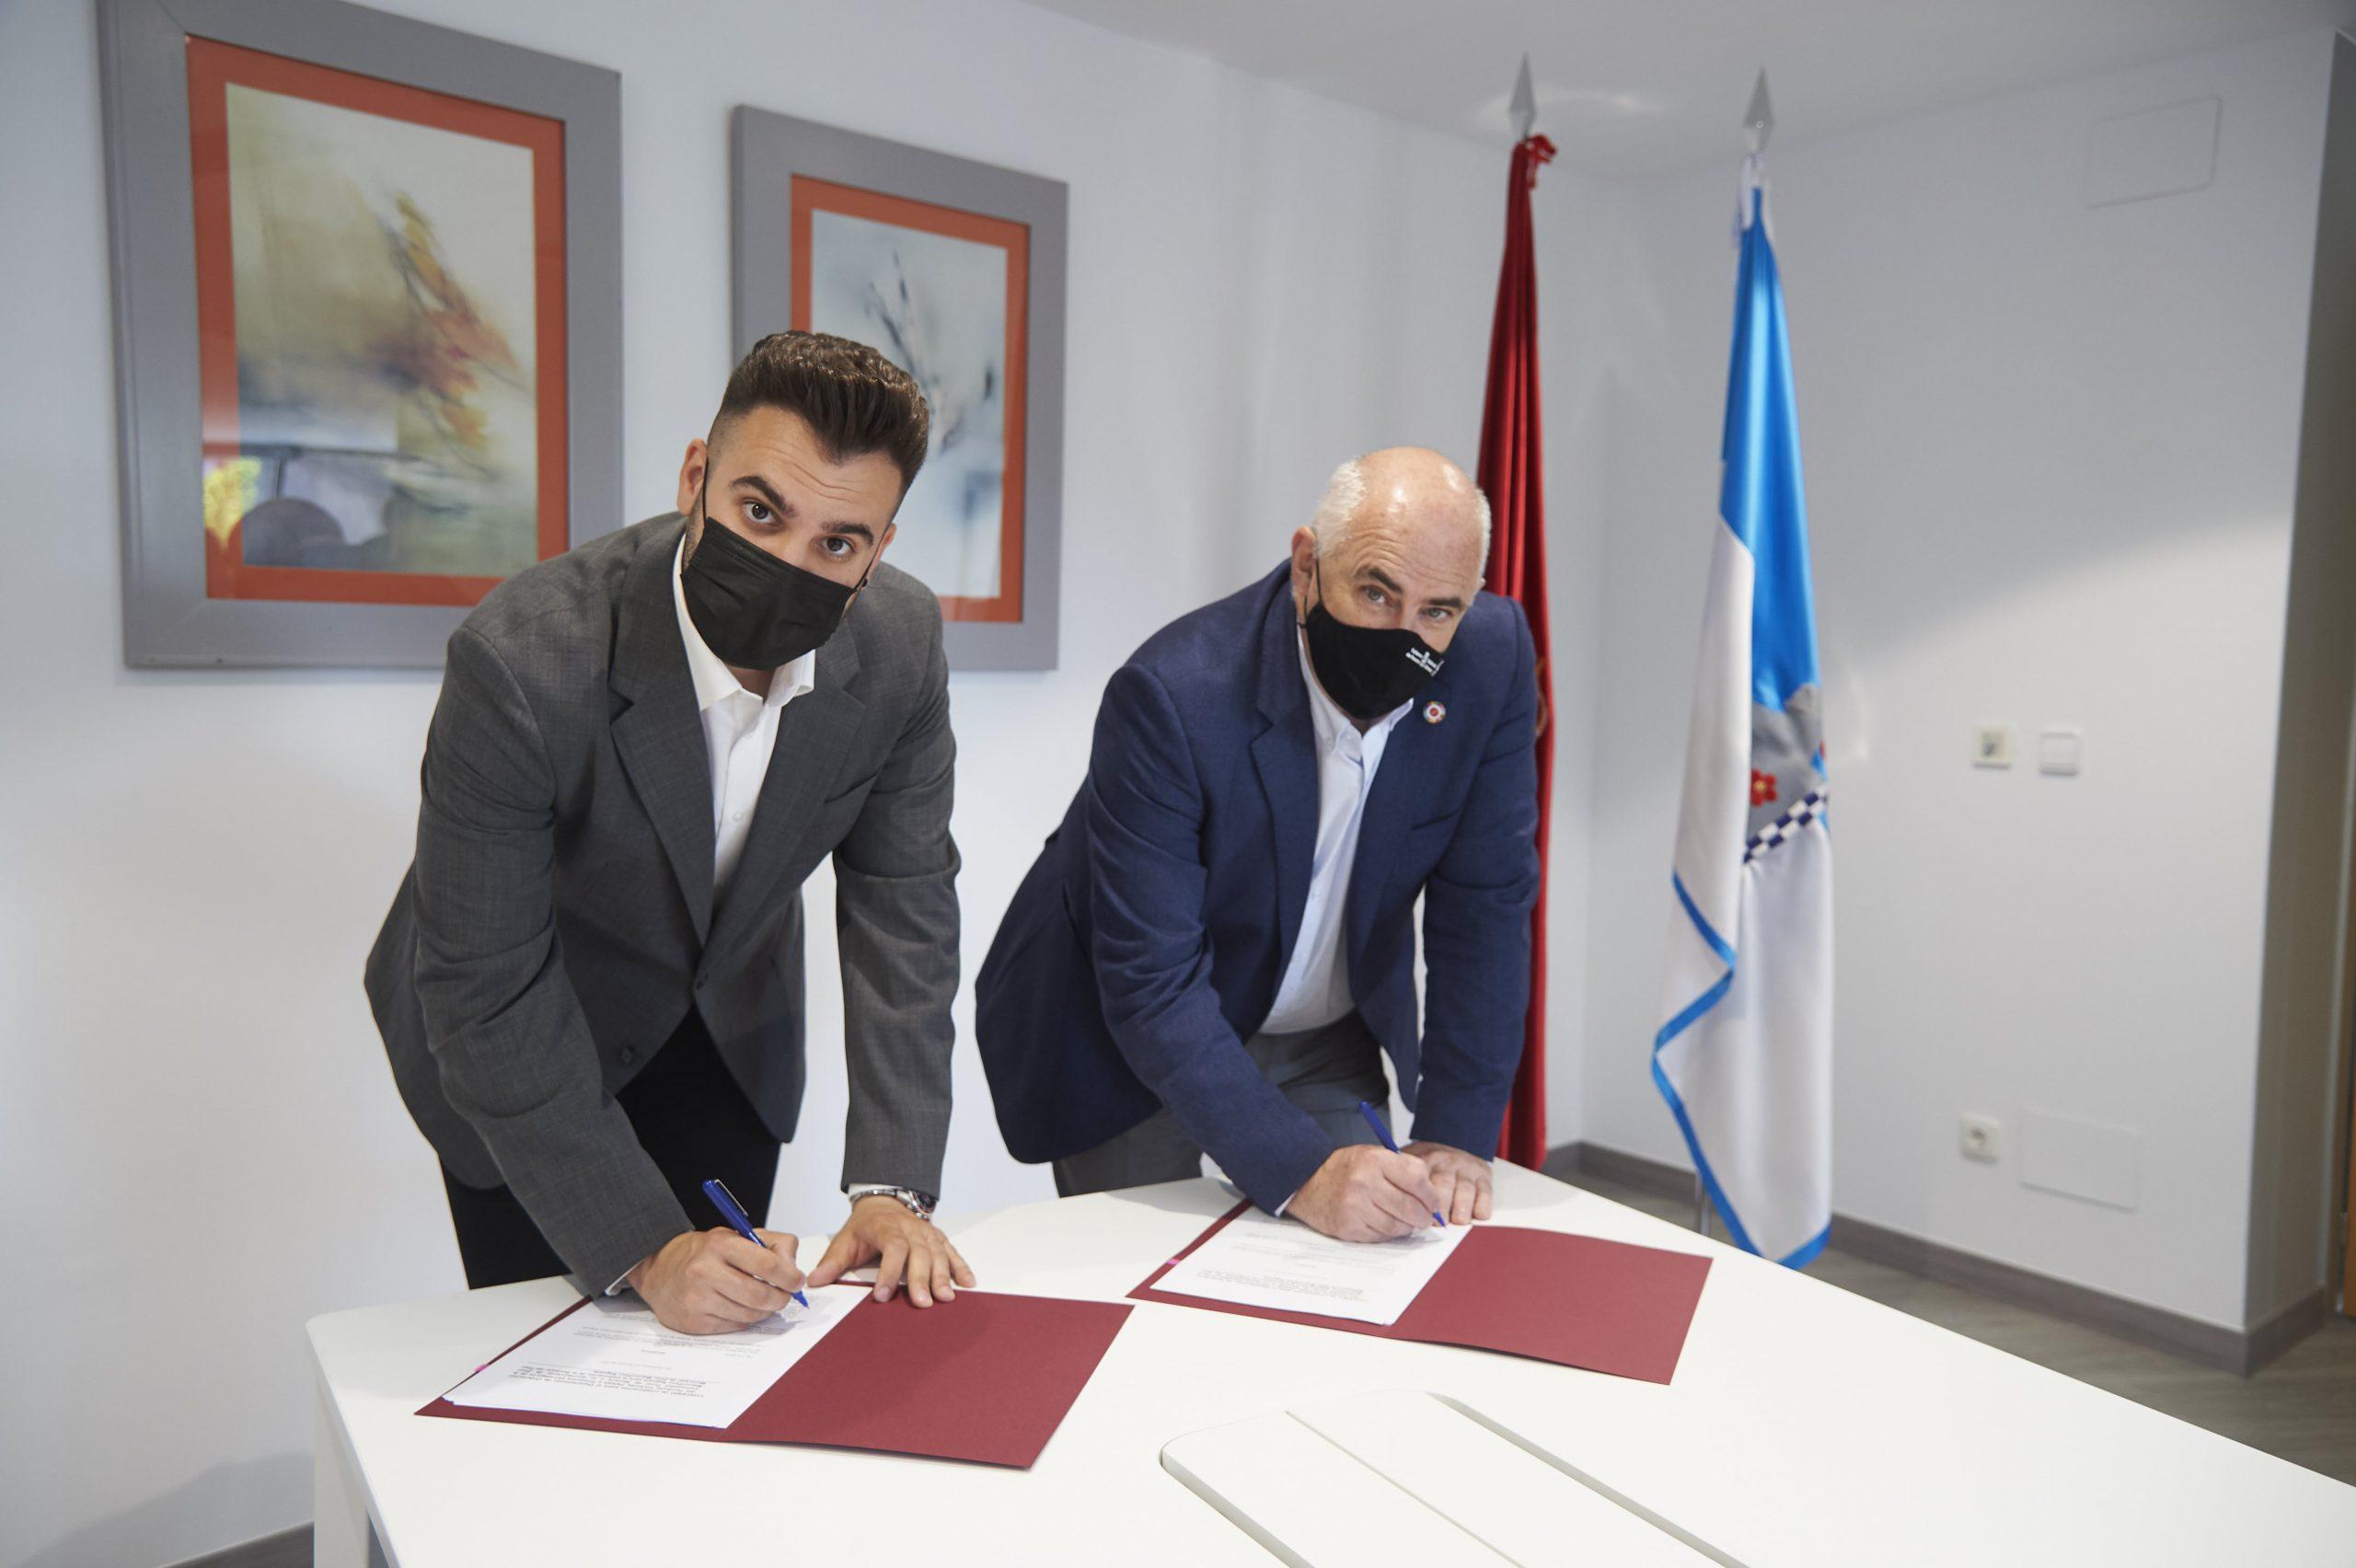 El Gobierno foral y el Ayuntamiento de Zizur Mayor firman dos convenios para promover el urbanismo sostenible y la vivienda de alquiler